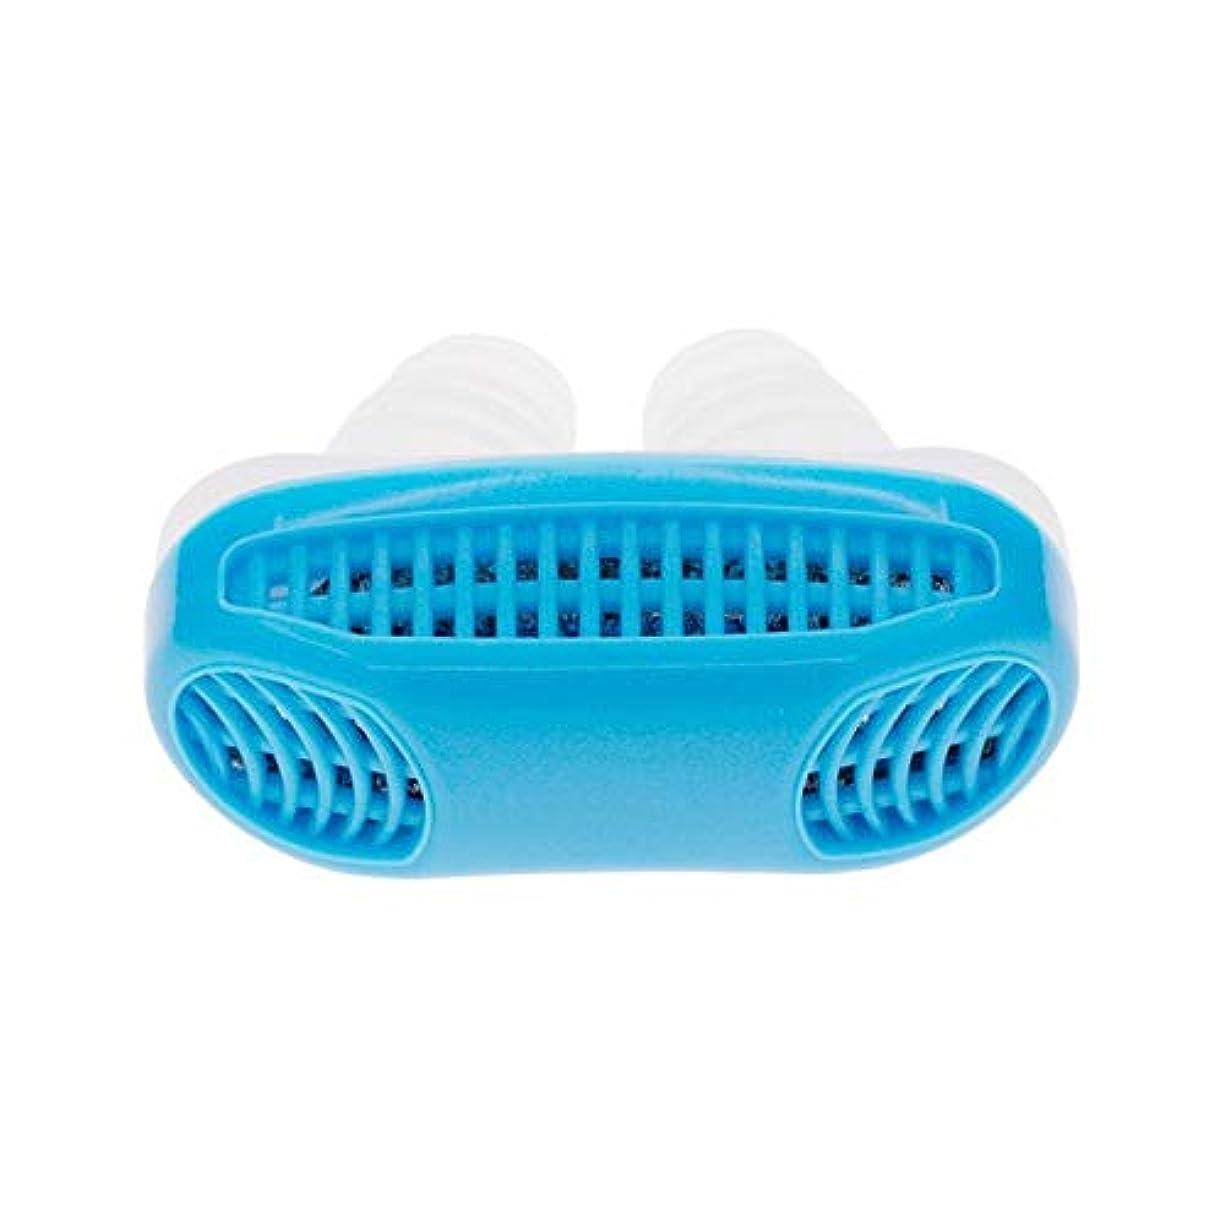 振るう火電気陽性NOTE シリコーンアンチいびきデバイス鼻拡張器無呼吸睡眠補助停止いびき止めノーズクリップアンチいびきクリーン空気清浄機Oct15